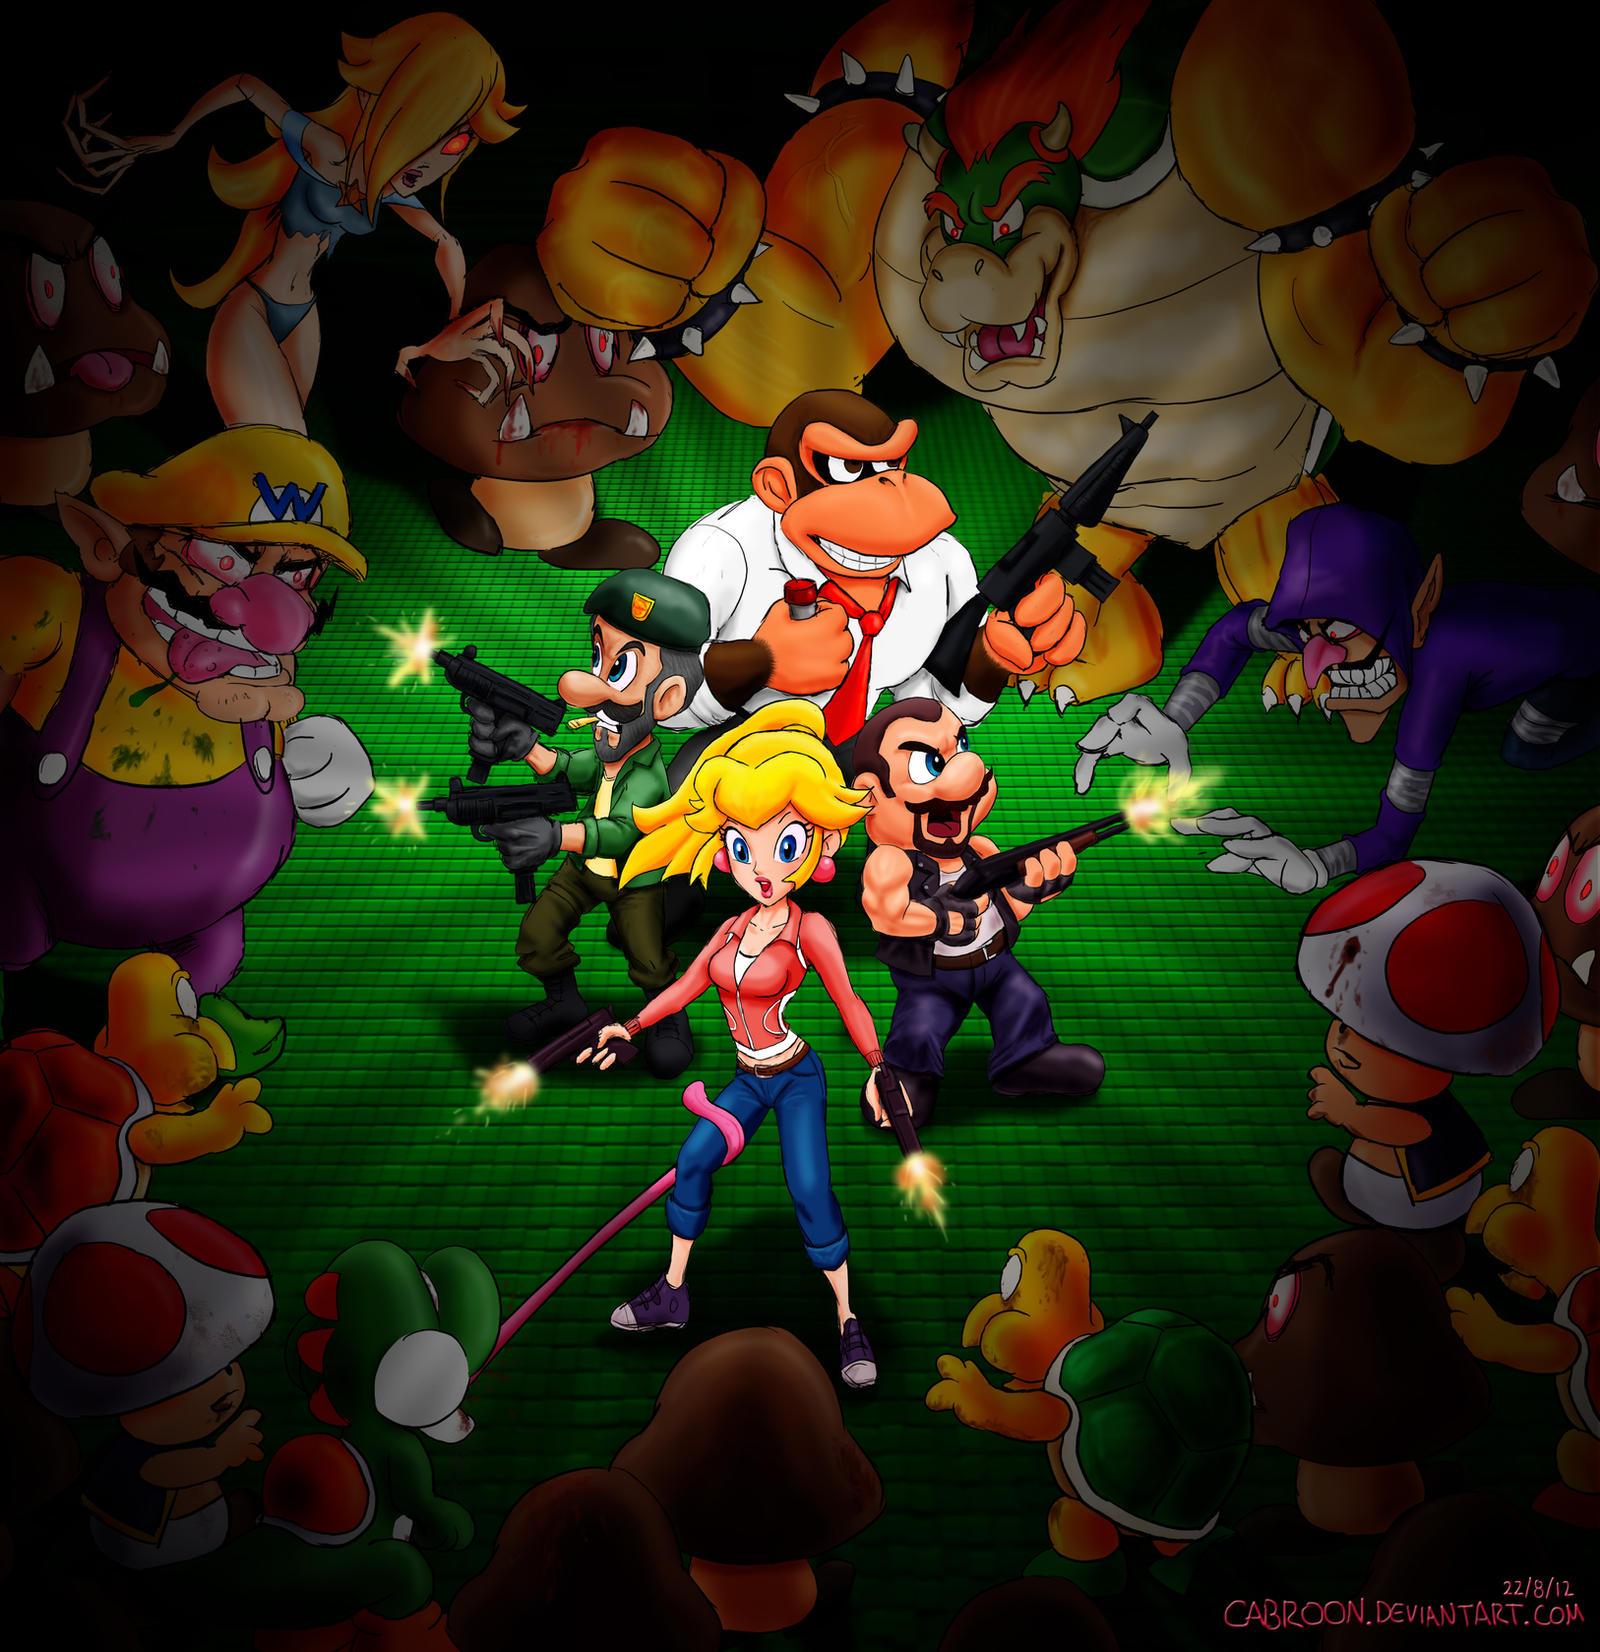 Mario princess rosalina 1up by minus 8 - 2 part 10